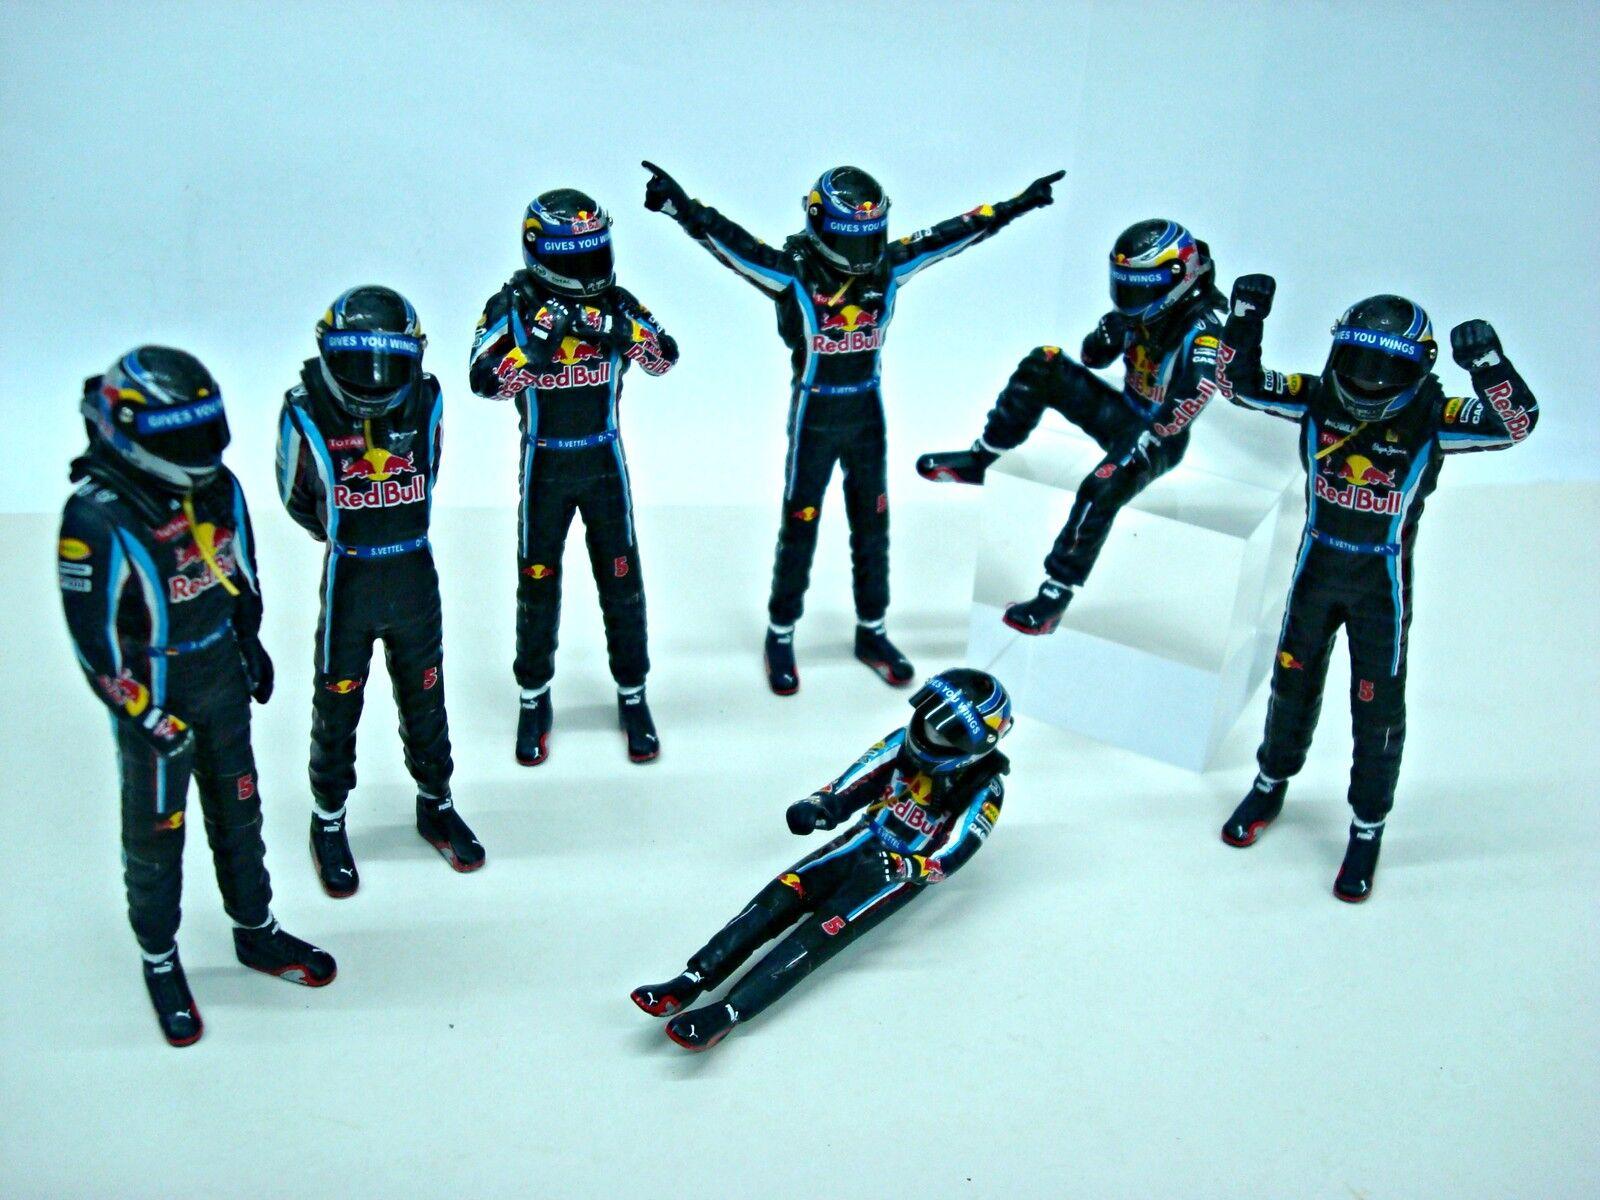 promociones de equipo Figura F1 D58D VETTEL 2010 WORLD CHAMPIONS CHAMPIONS CHAMPIONS STANDING DRIVER 1 18 MANI DIETRO  autorización oficial